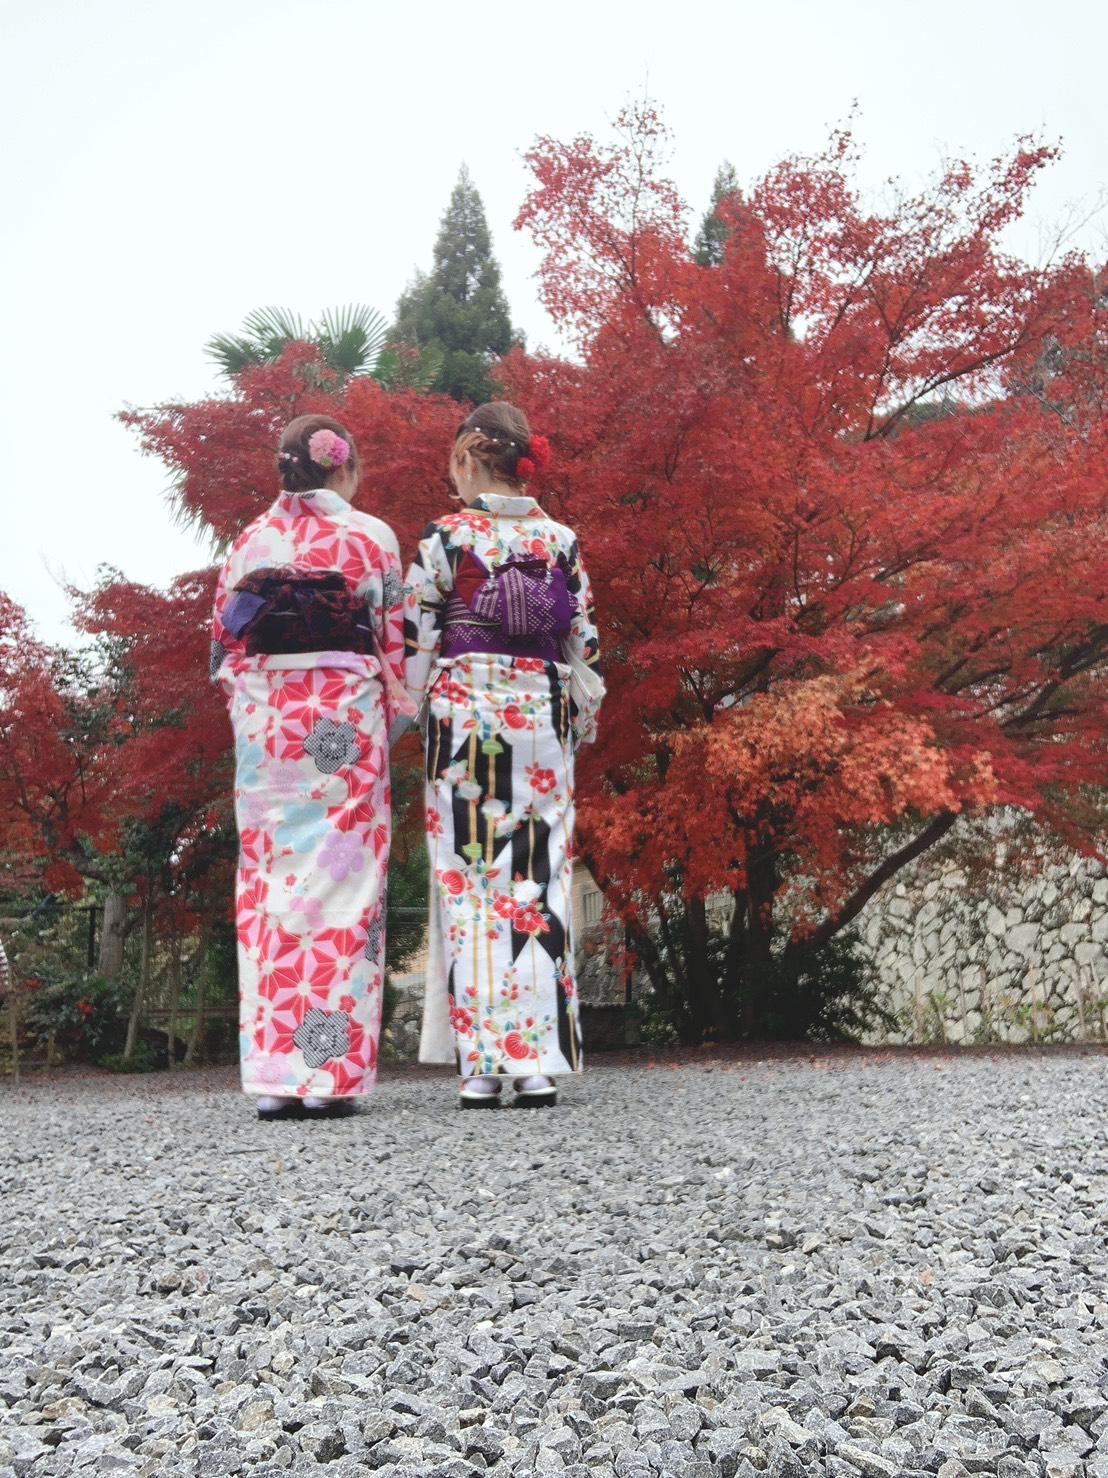 京都は紅葉見頃で~す2019年11月24日9